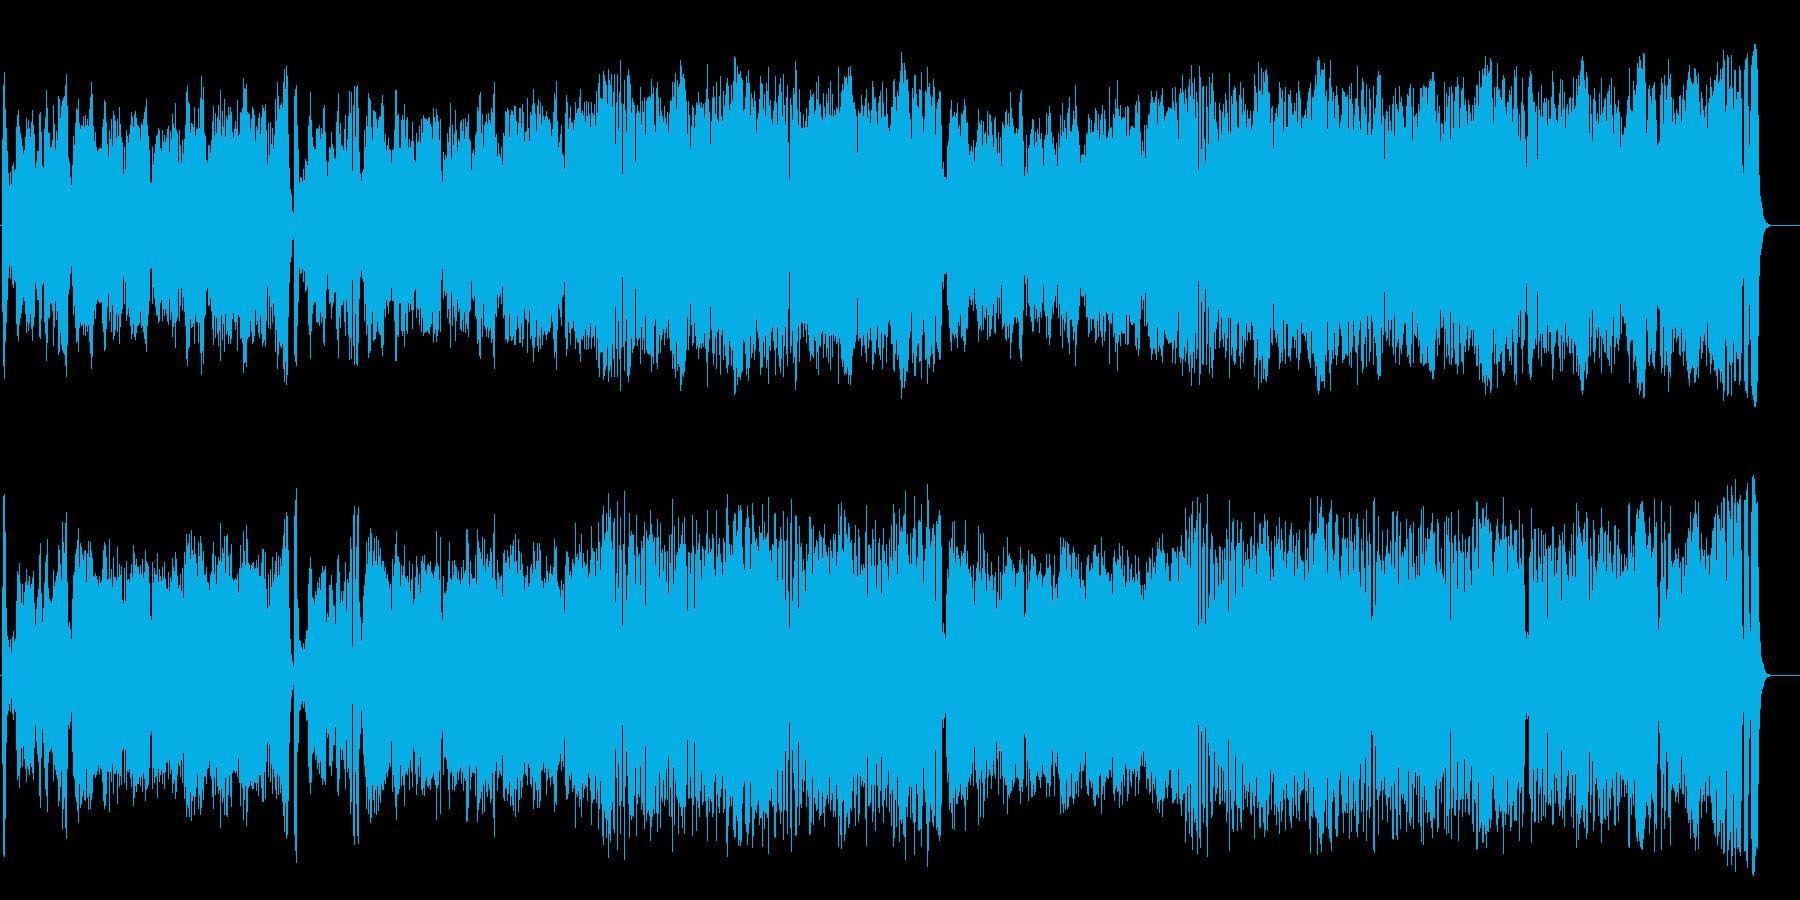 気品高いオーケストラ楽曲(フルサイズ)の再生済みの波形